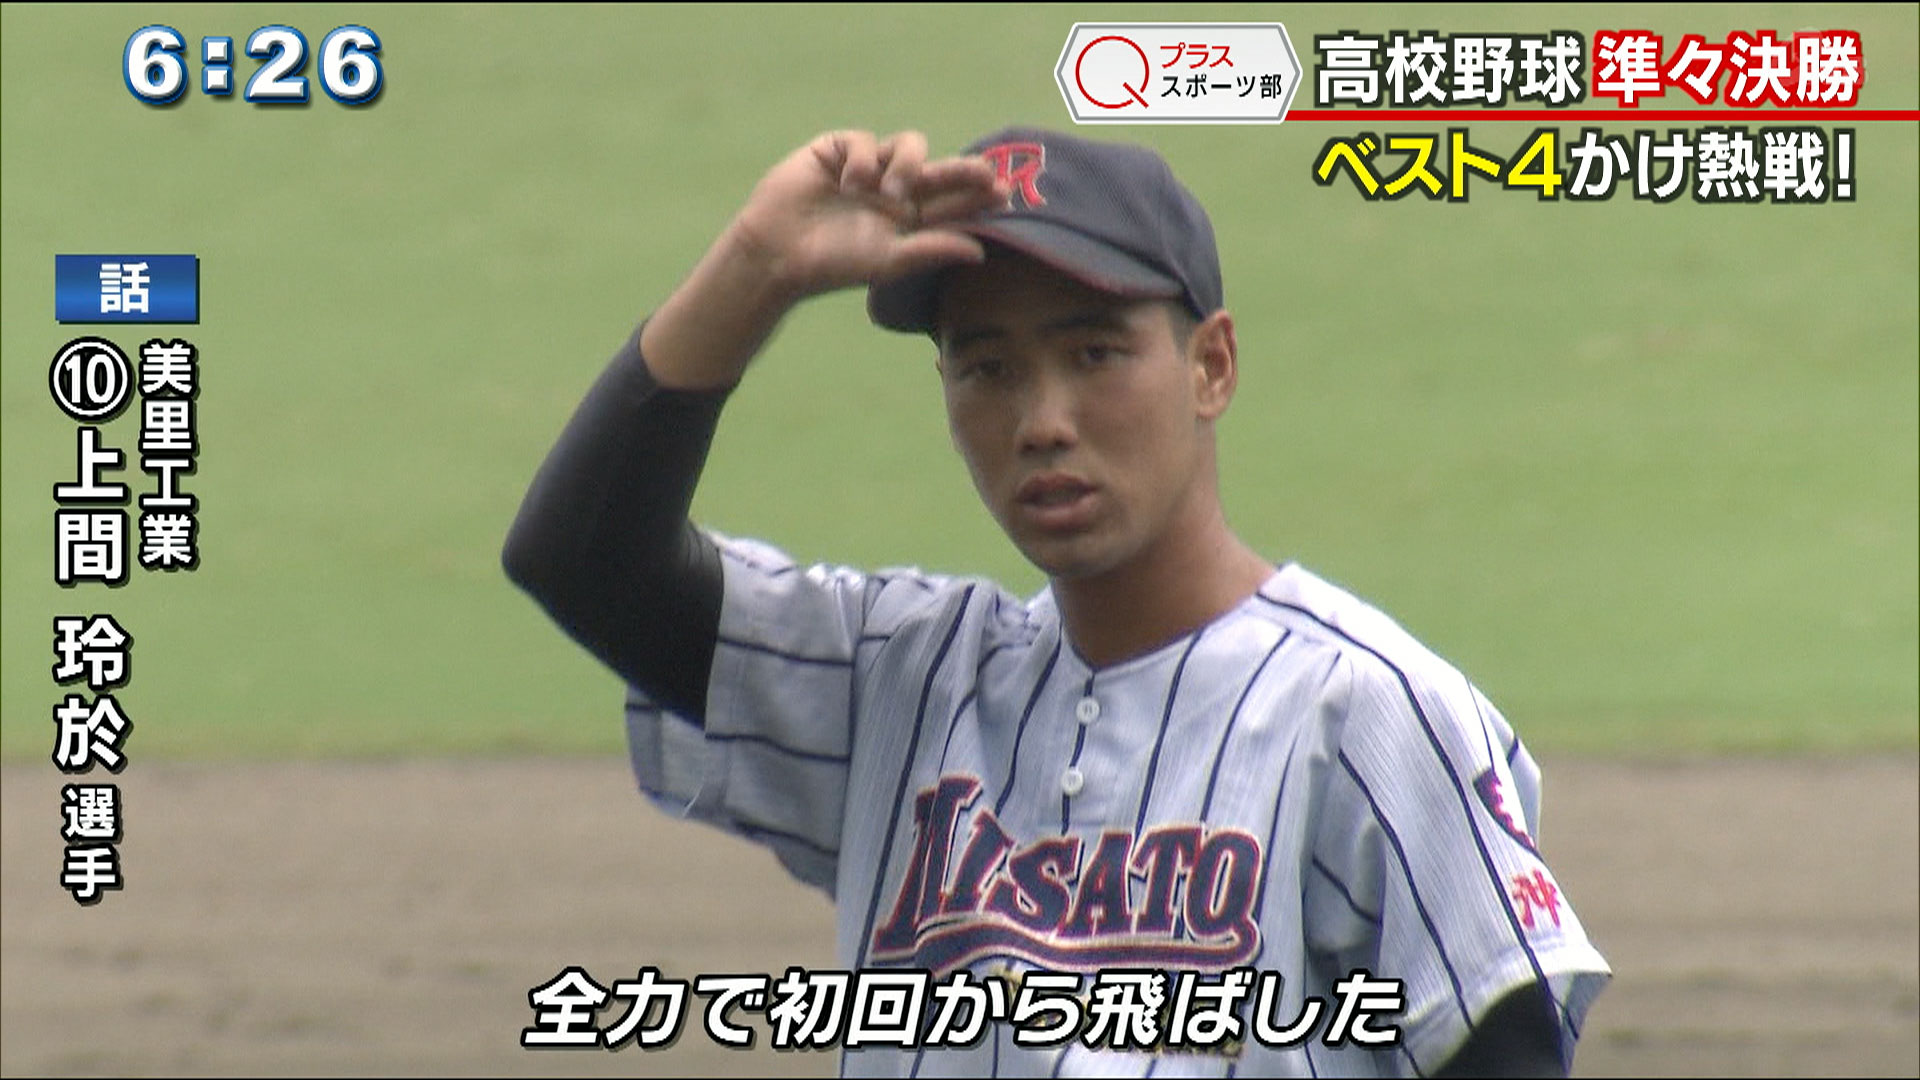 高校野球夏季大会 ベスト4決まる